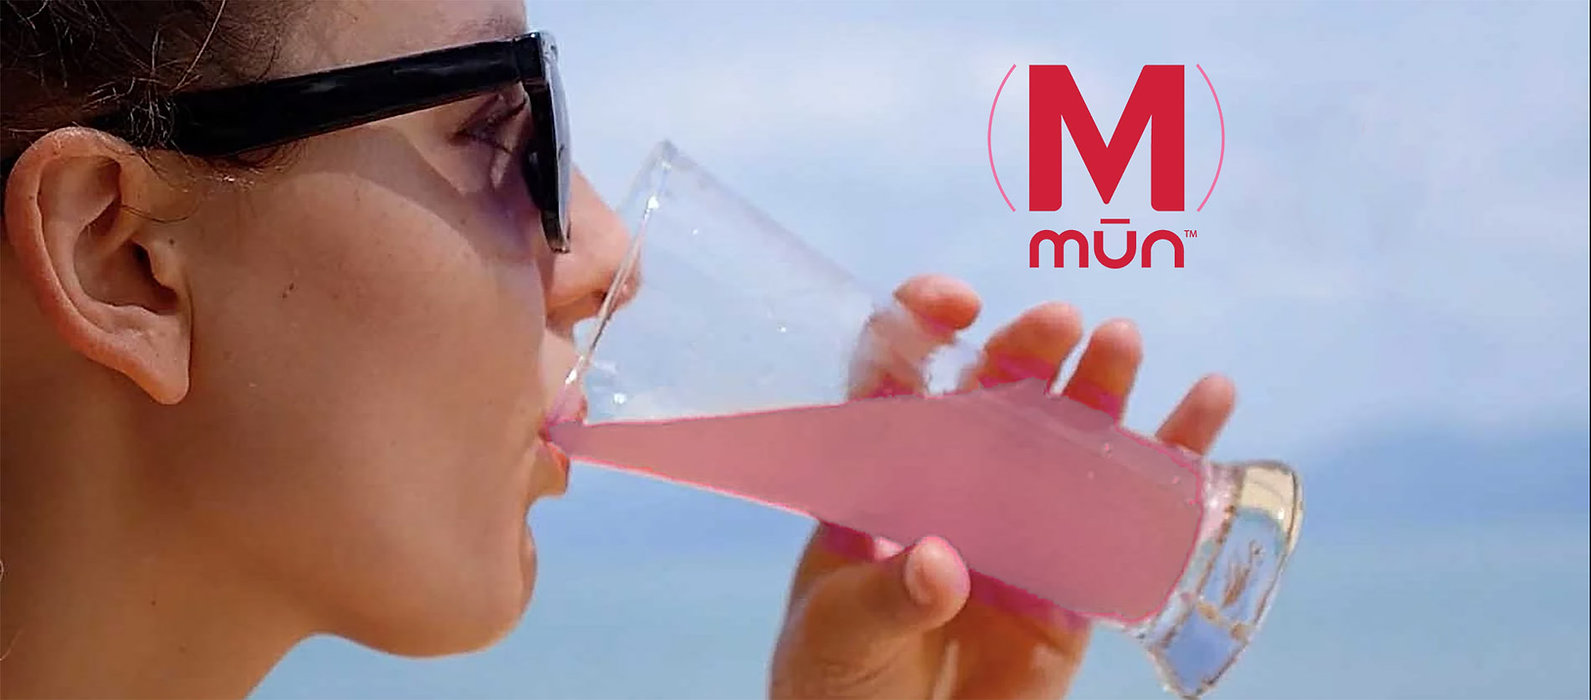 (M)Mun - Suplemento diário para fortalecer a Imunidade   Maria da Graça Congro